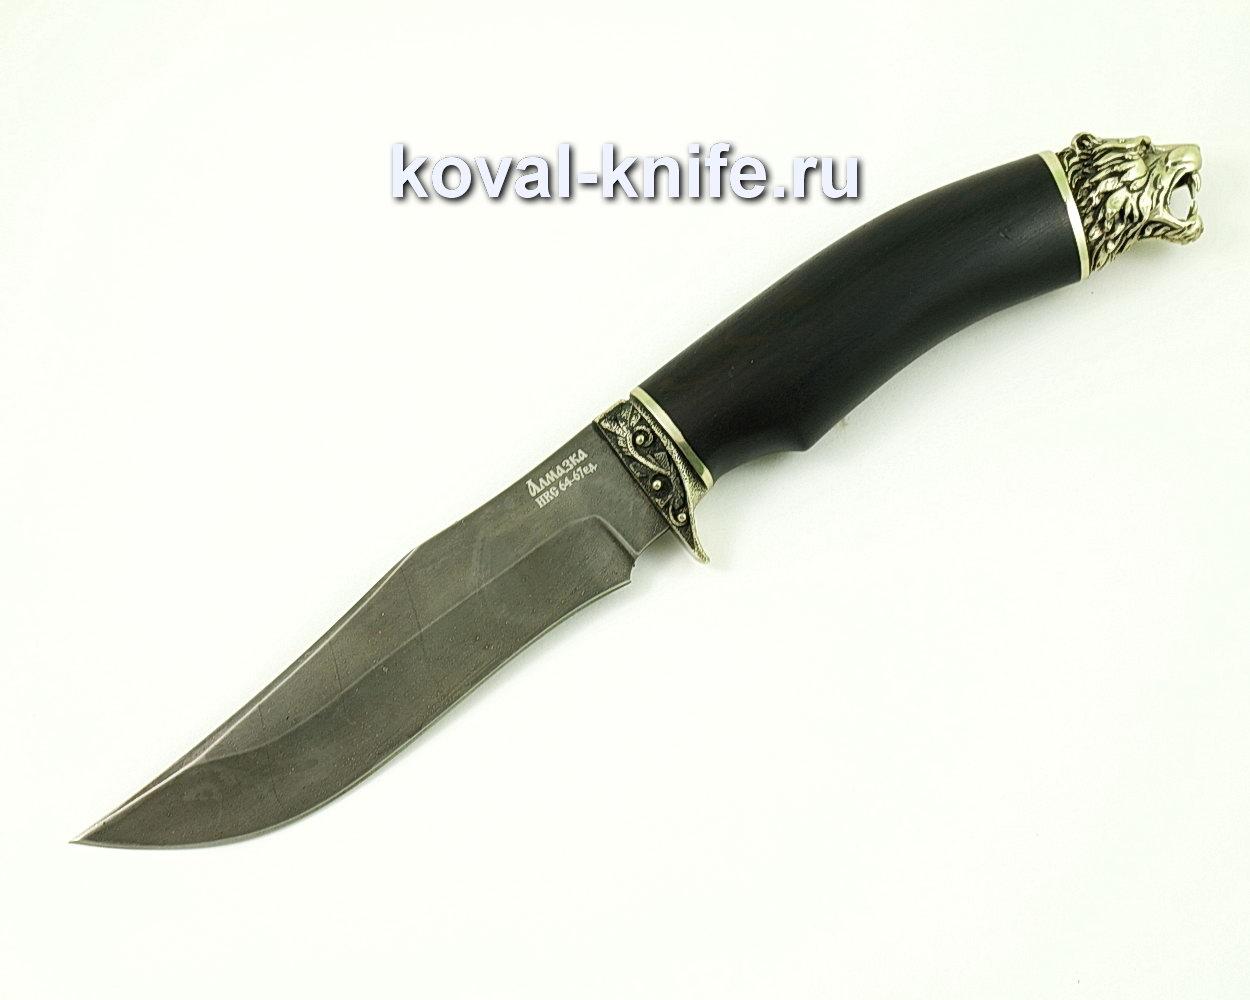 Нож Пират из Алмазной стали (ХВ5, рукоять граб) A420